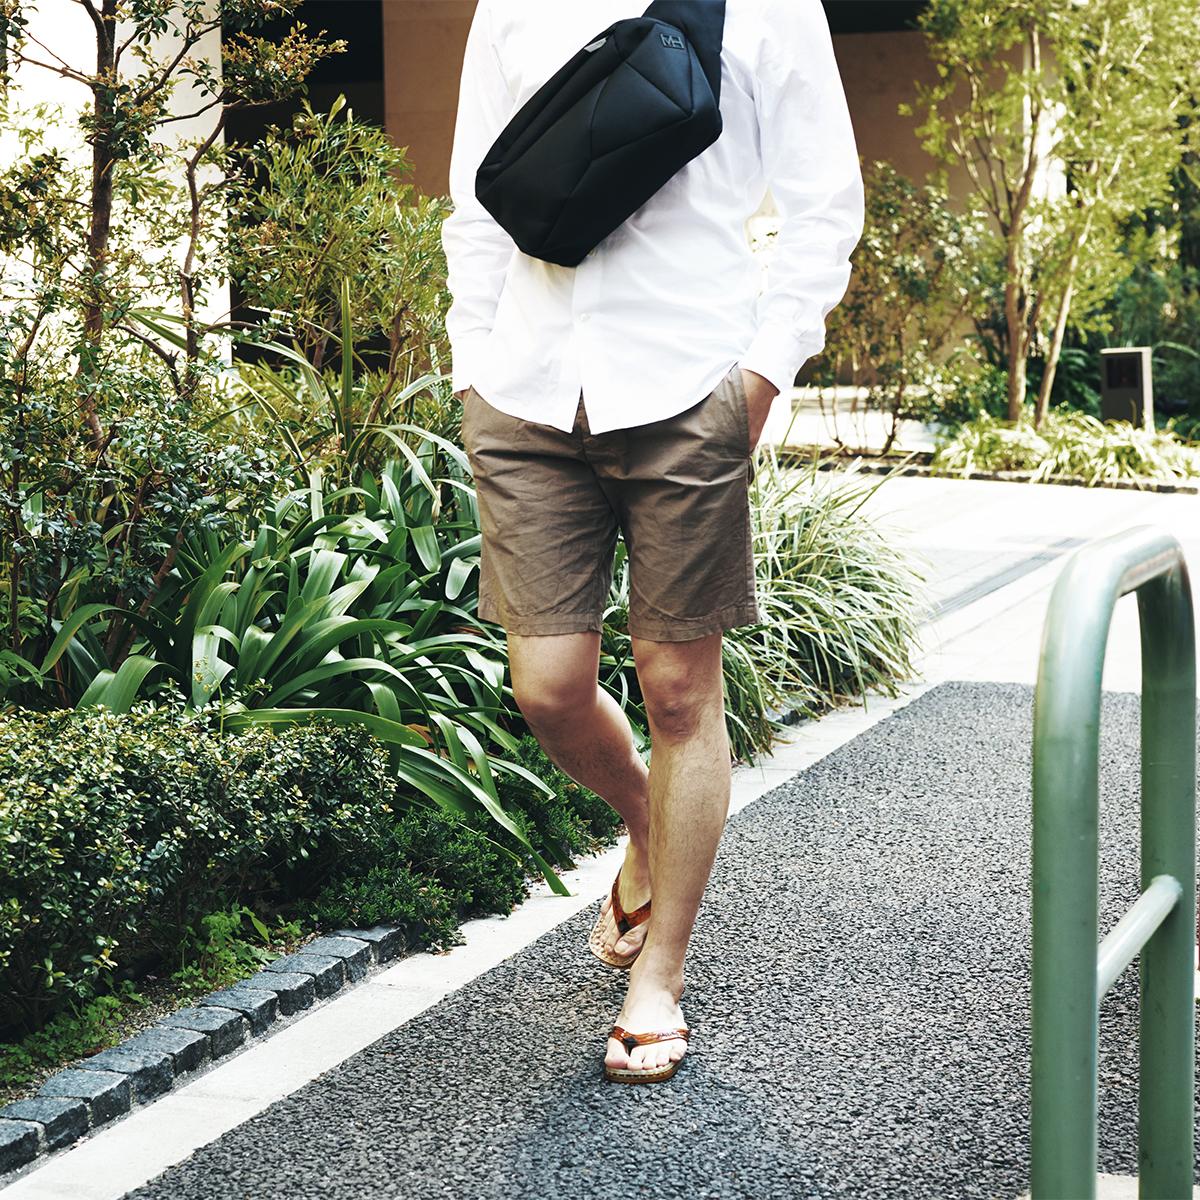 お洒落で洗練されたデザイン、履き心地バツグンでヘルシー。半球状の突起が、心地よく足裏マッサージしてくれる「健康サンダル」|SENSI